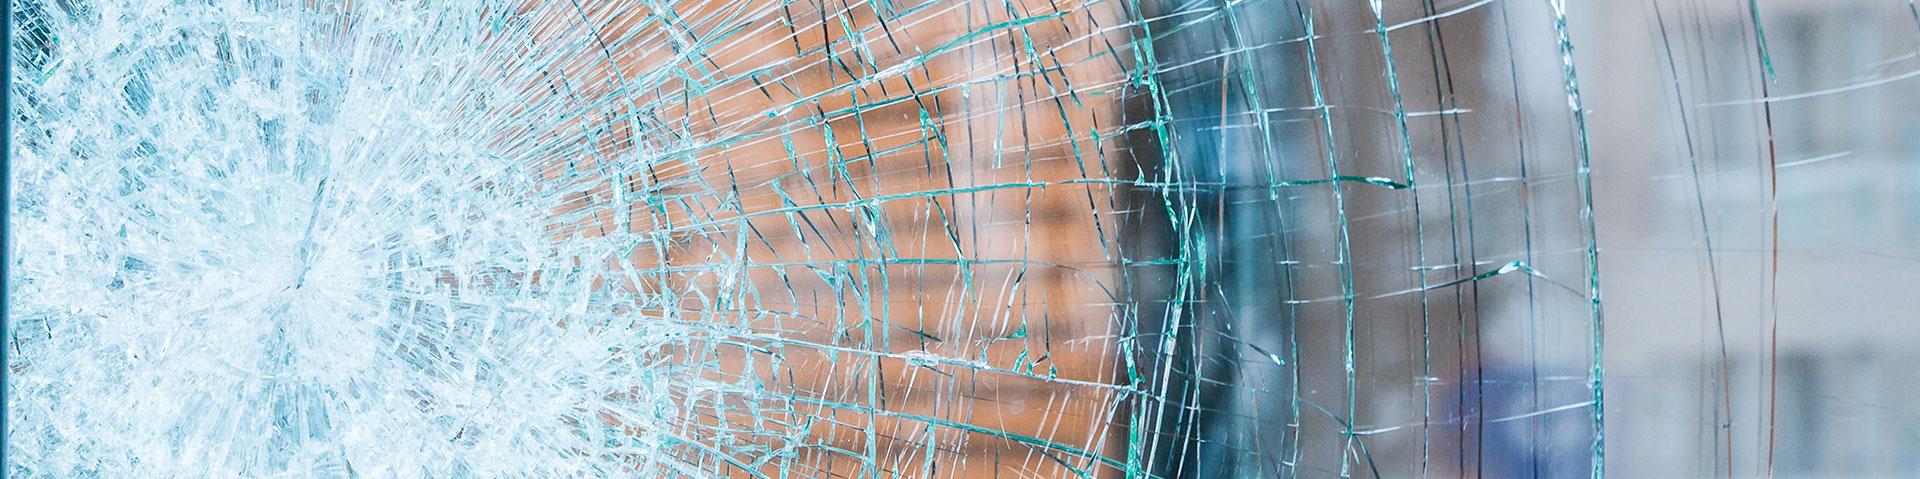 B&W Glasbau Reparatur Glasreparatur Montage Schadensfall Lohnverglasung